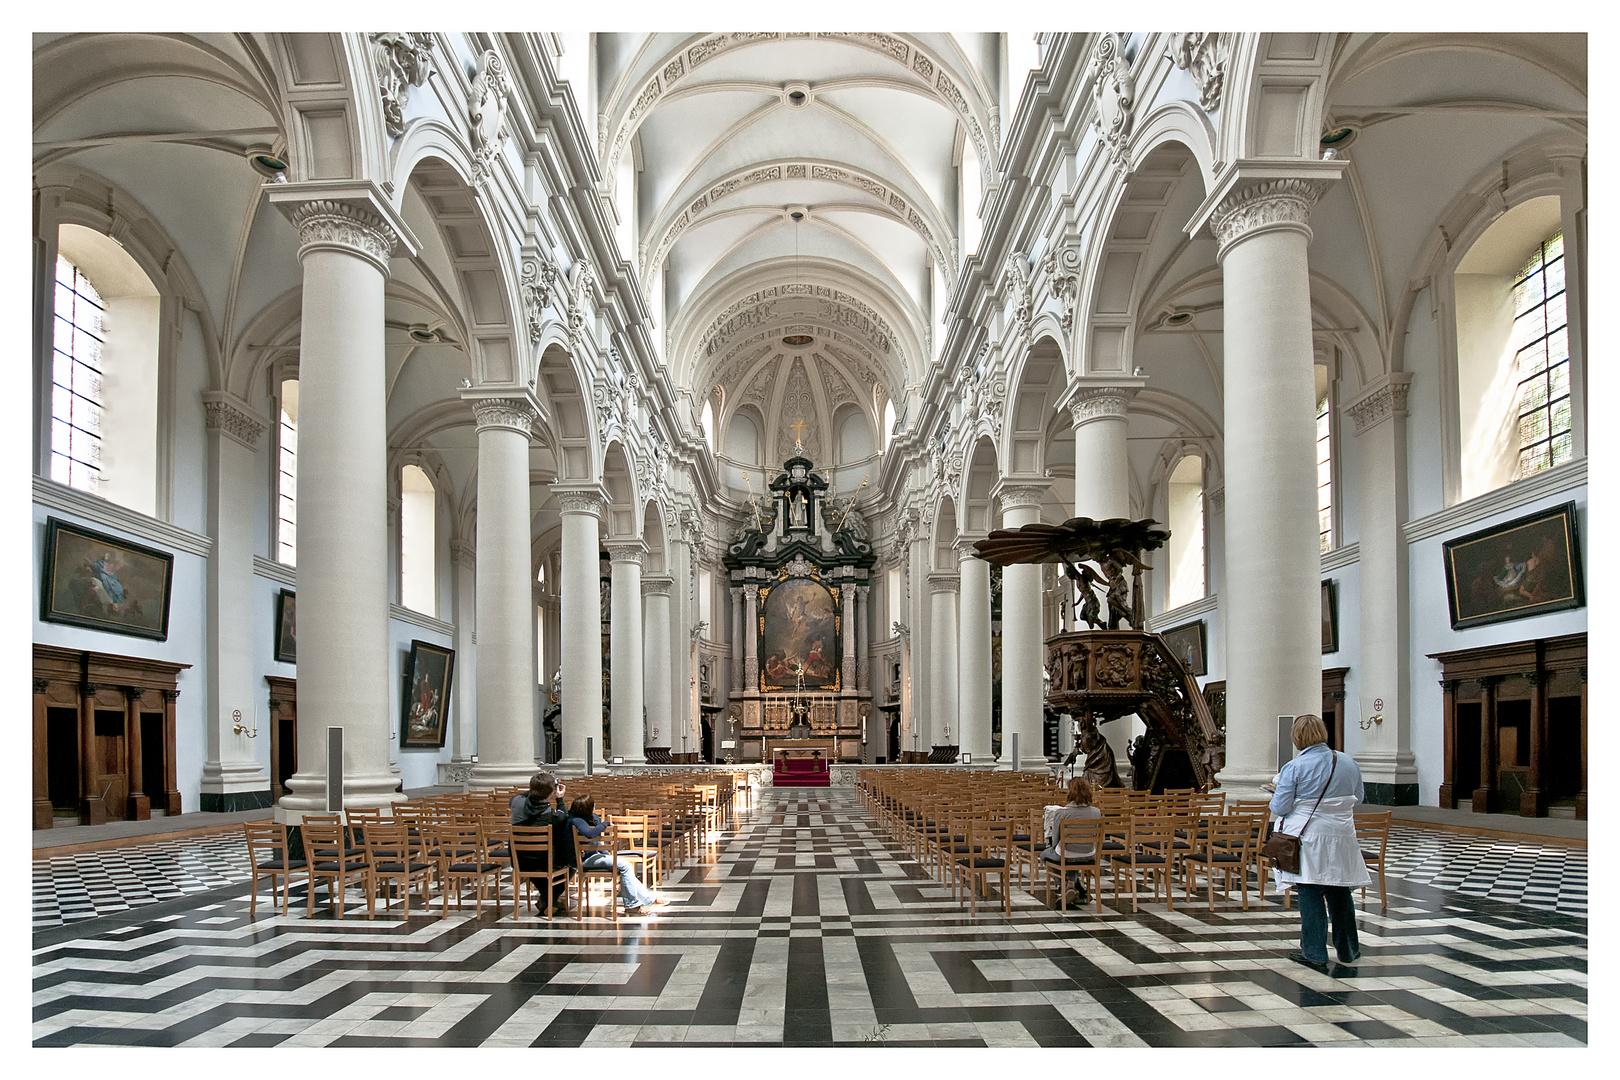 St. Walburga II